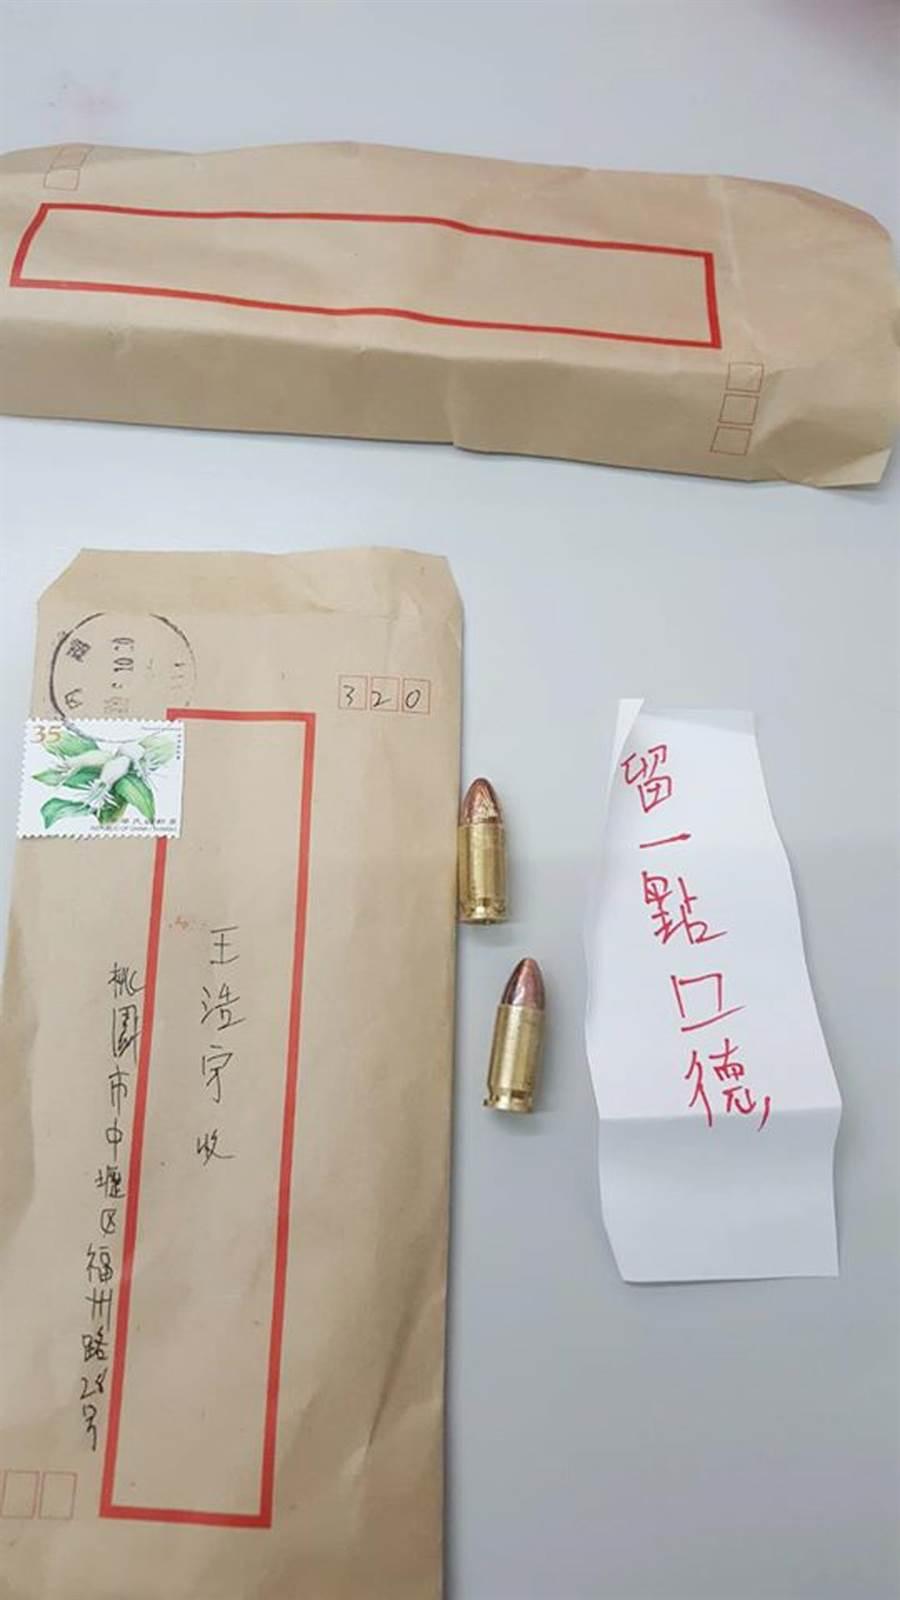 桃園市議員王浩宇12日接獲裝有2顆子彈平信,警方偵辦送驗確認是假子彈。(翻攝自王浩宇臉書)